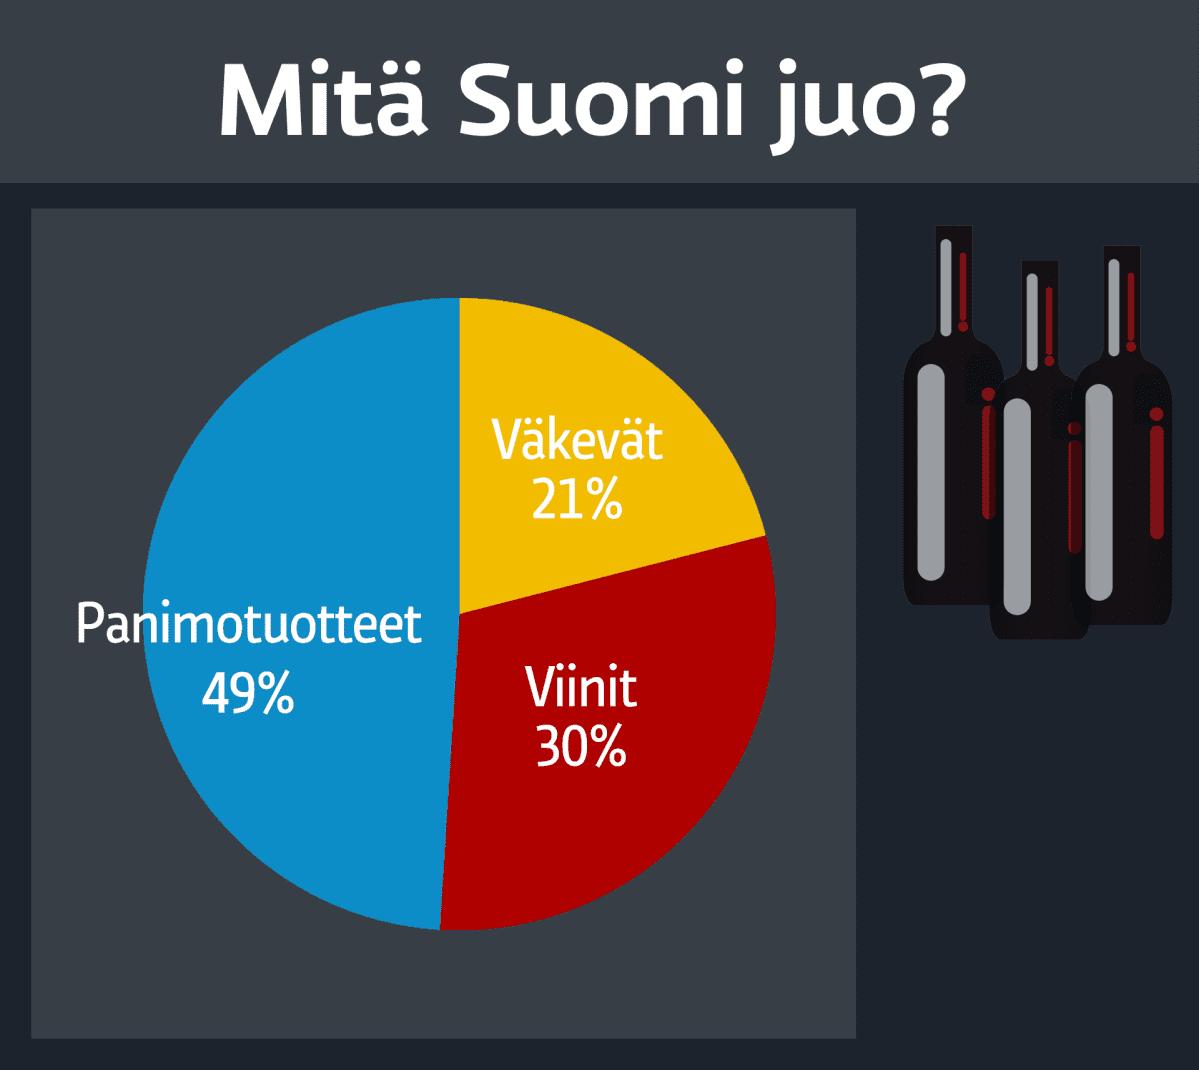 Mitä Suomi juo.